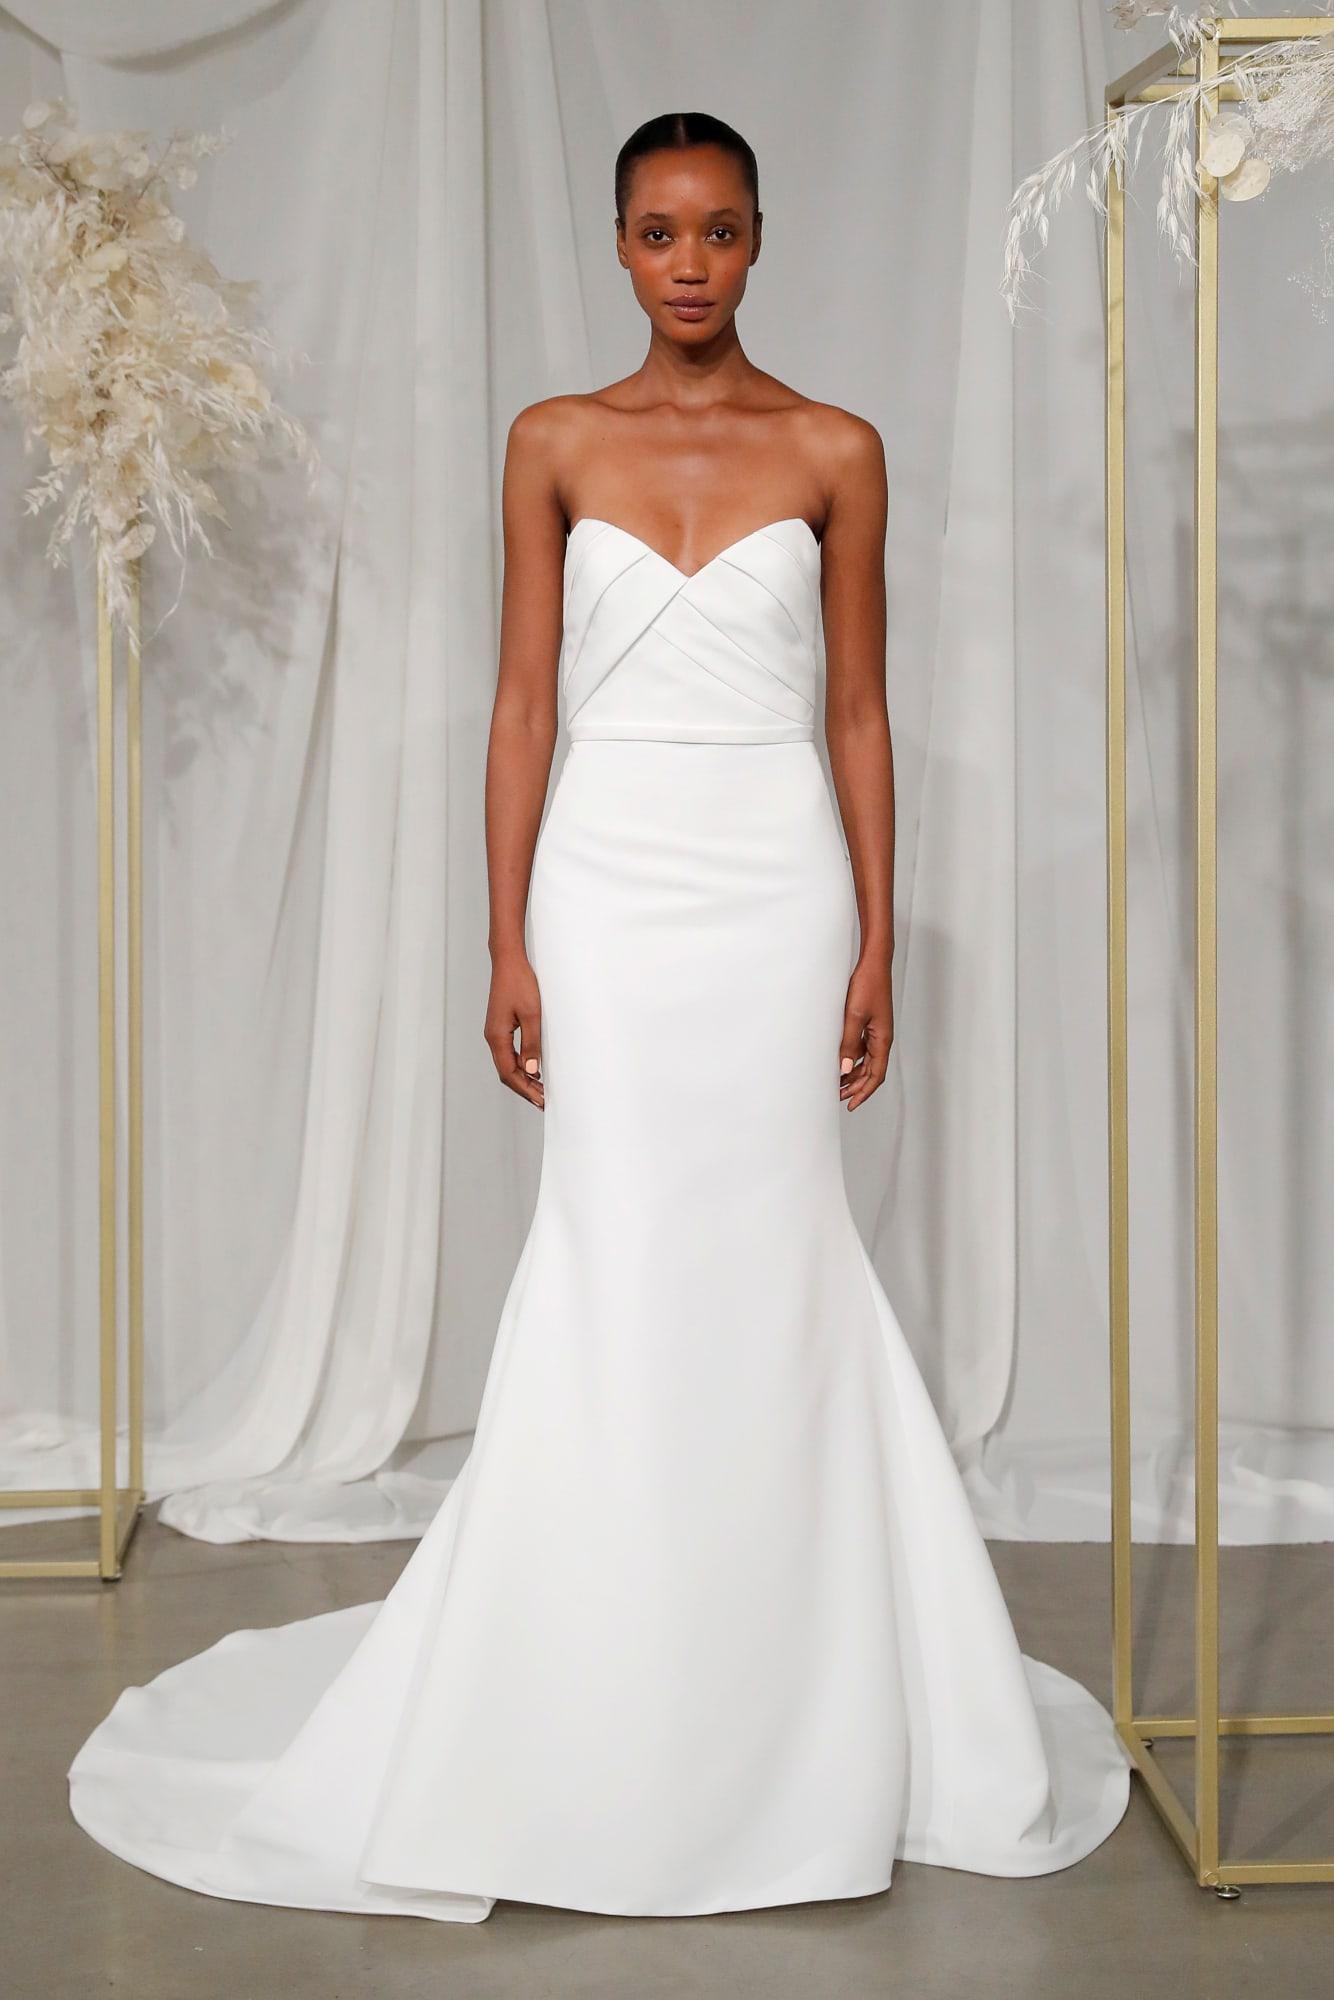 #2020wedding #2020weddingdresses #weddingtrend #weddingdresses #brides #bridalgown #modernwedding #amsale